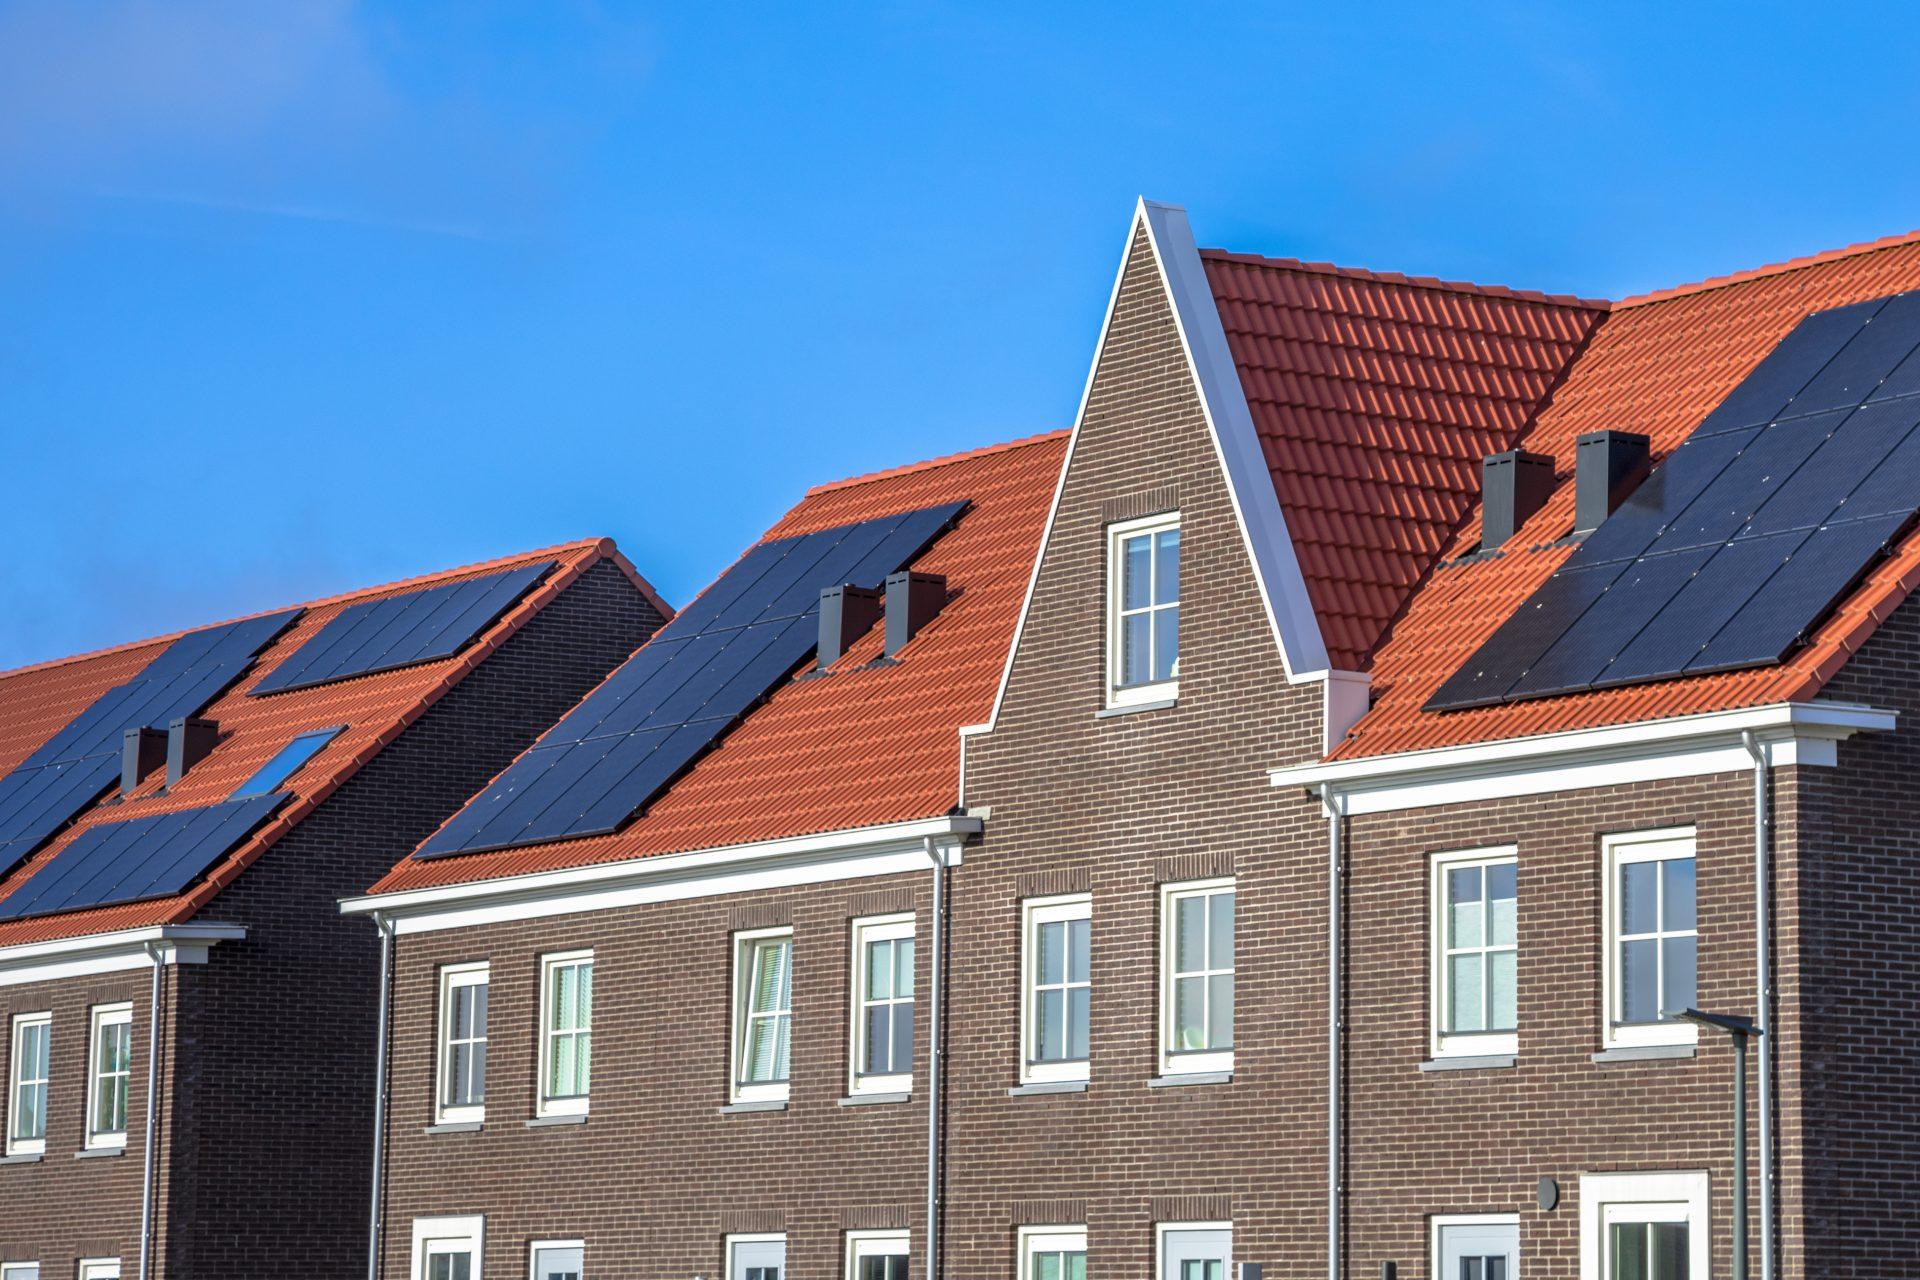 Installare impianti fotovoltaici grazie al Decreto rilancio